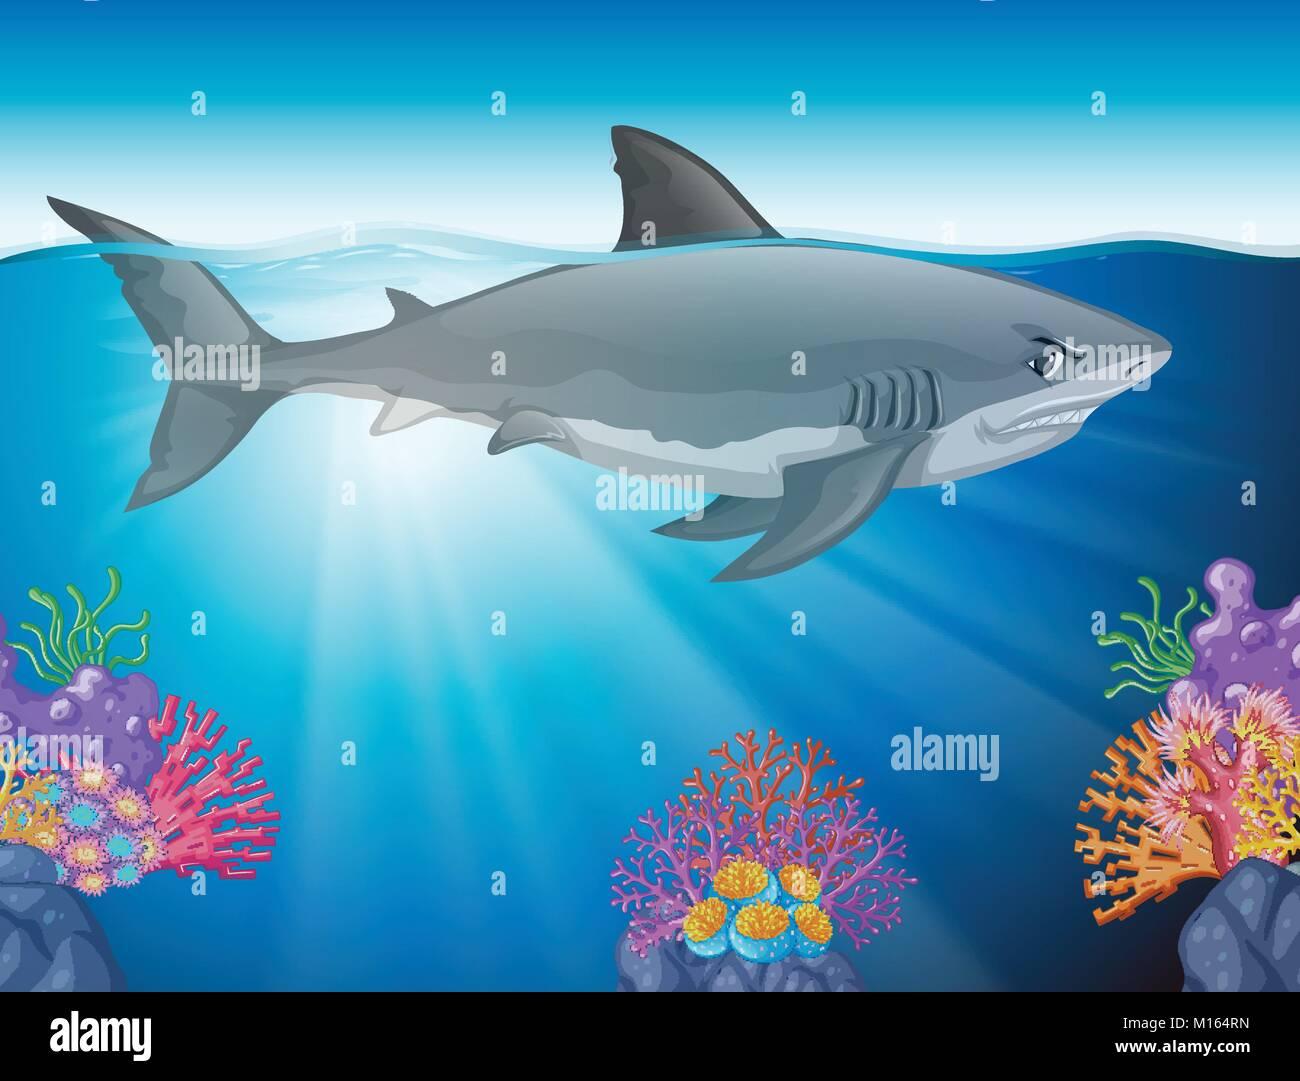 Lujoso Realista Gran Tiburón Blanco Para Colorear Foto - Dibujos ...